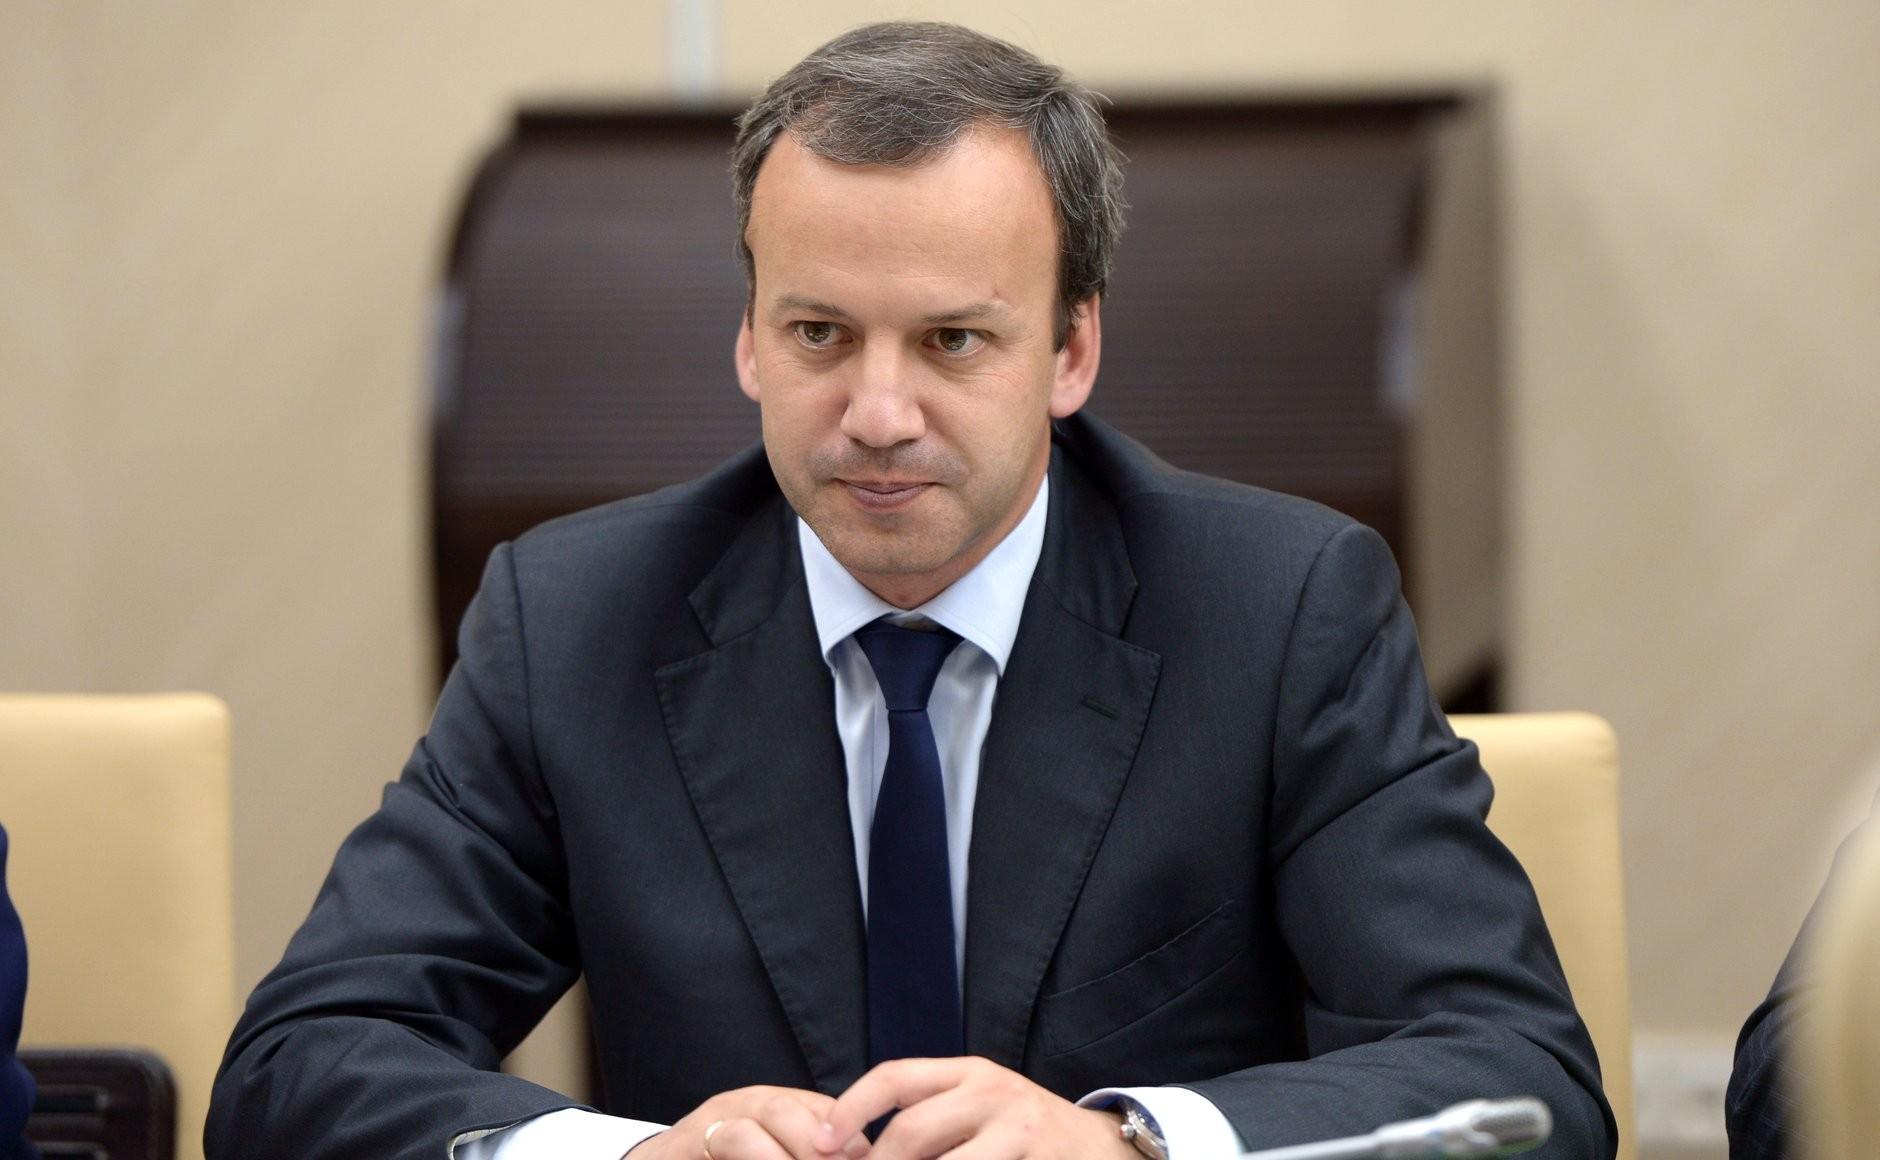 Дворкович: Siemens, ограничивая работу скомпаниями РФ, неможет быть надежным партнером